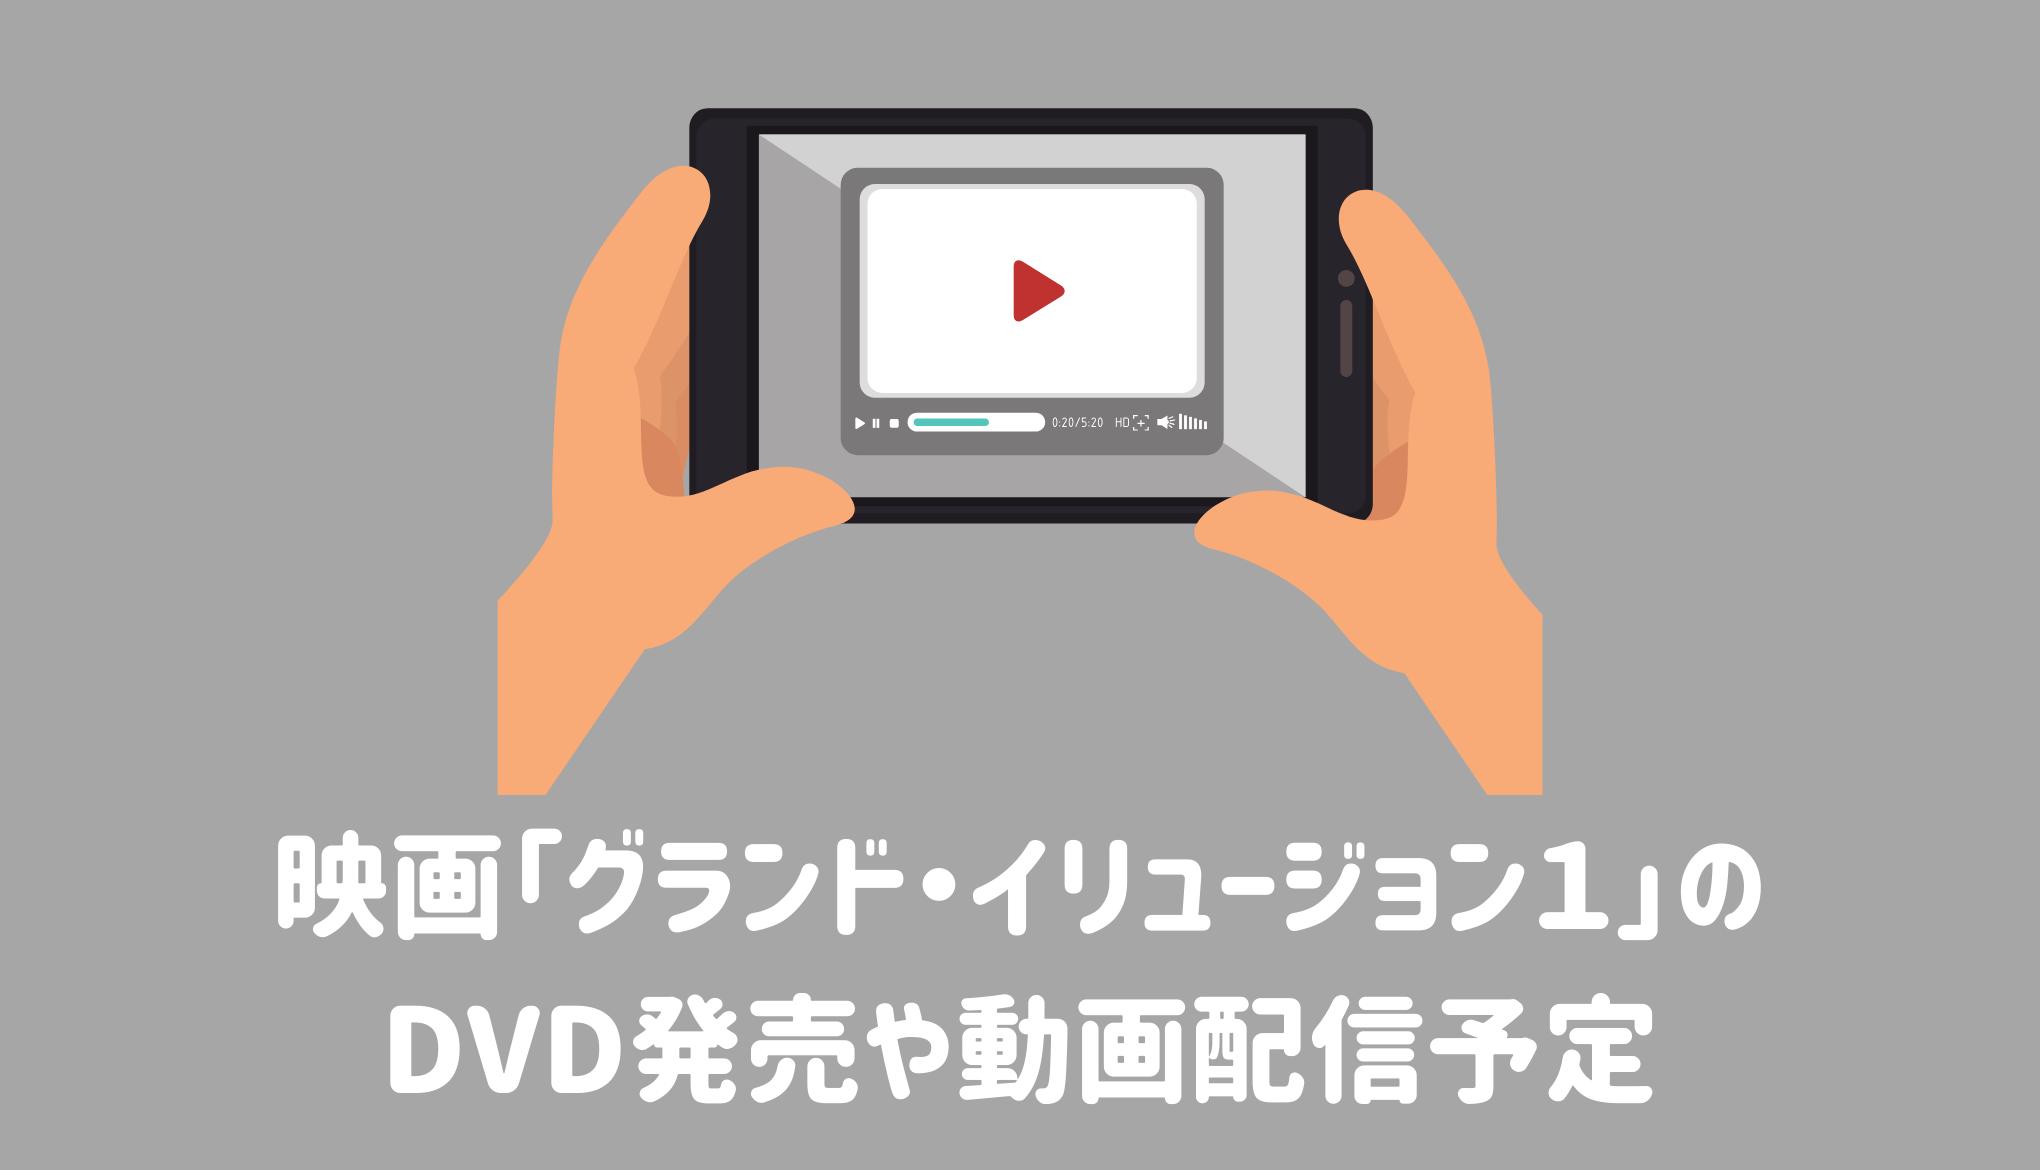 映画「グランド・イリュージョン1」のDVD発売や動画配信予定をチェック